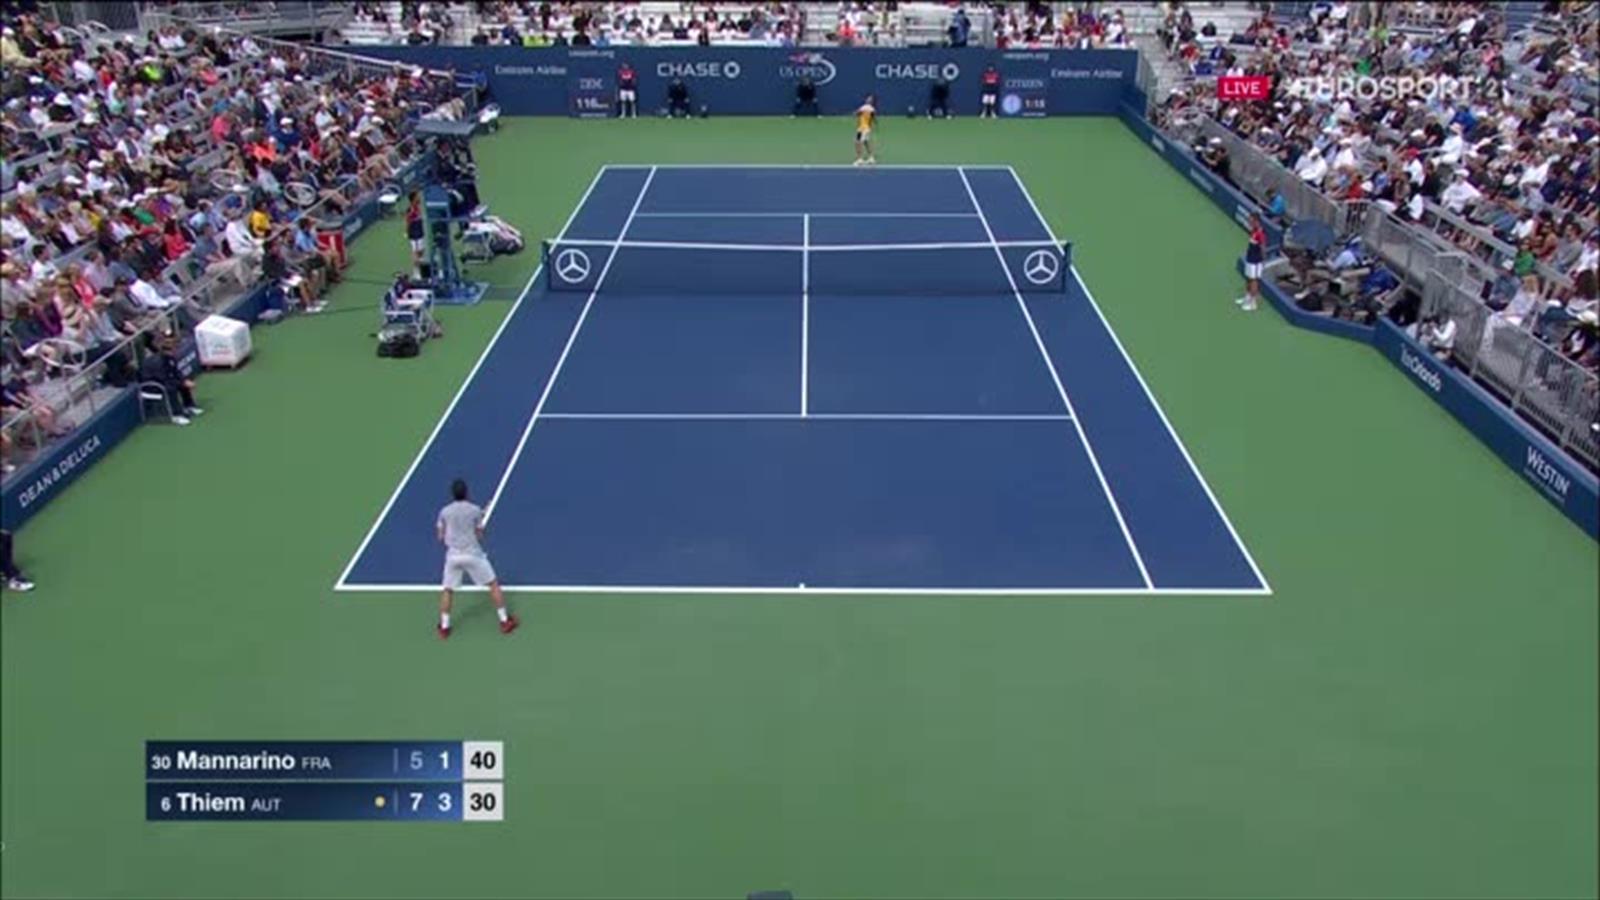 Video tr s inspir s mannarino et thiem ont sorti un - Calculateur de point tennis de table ...